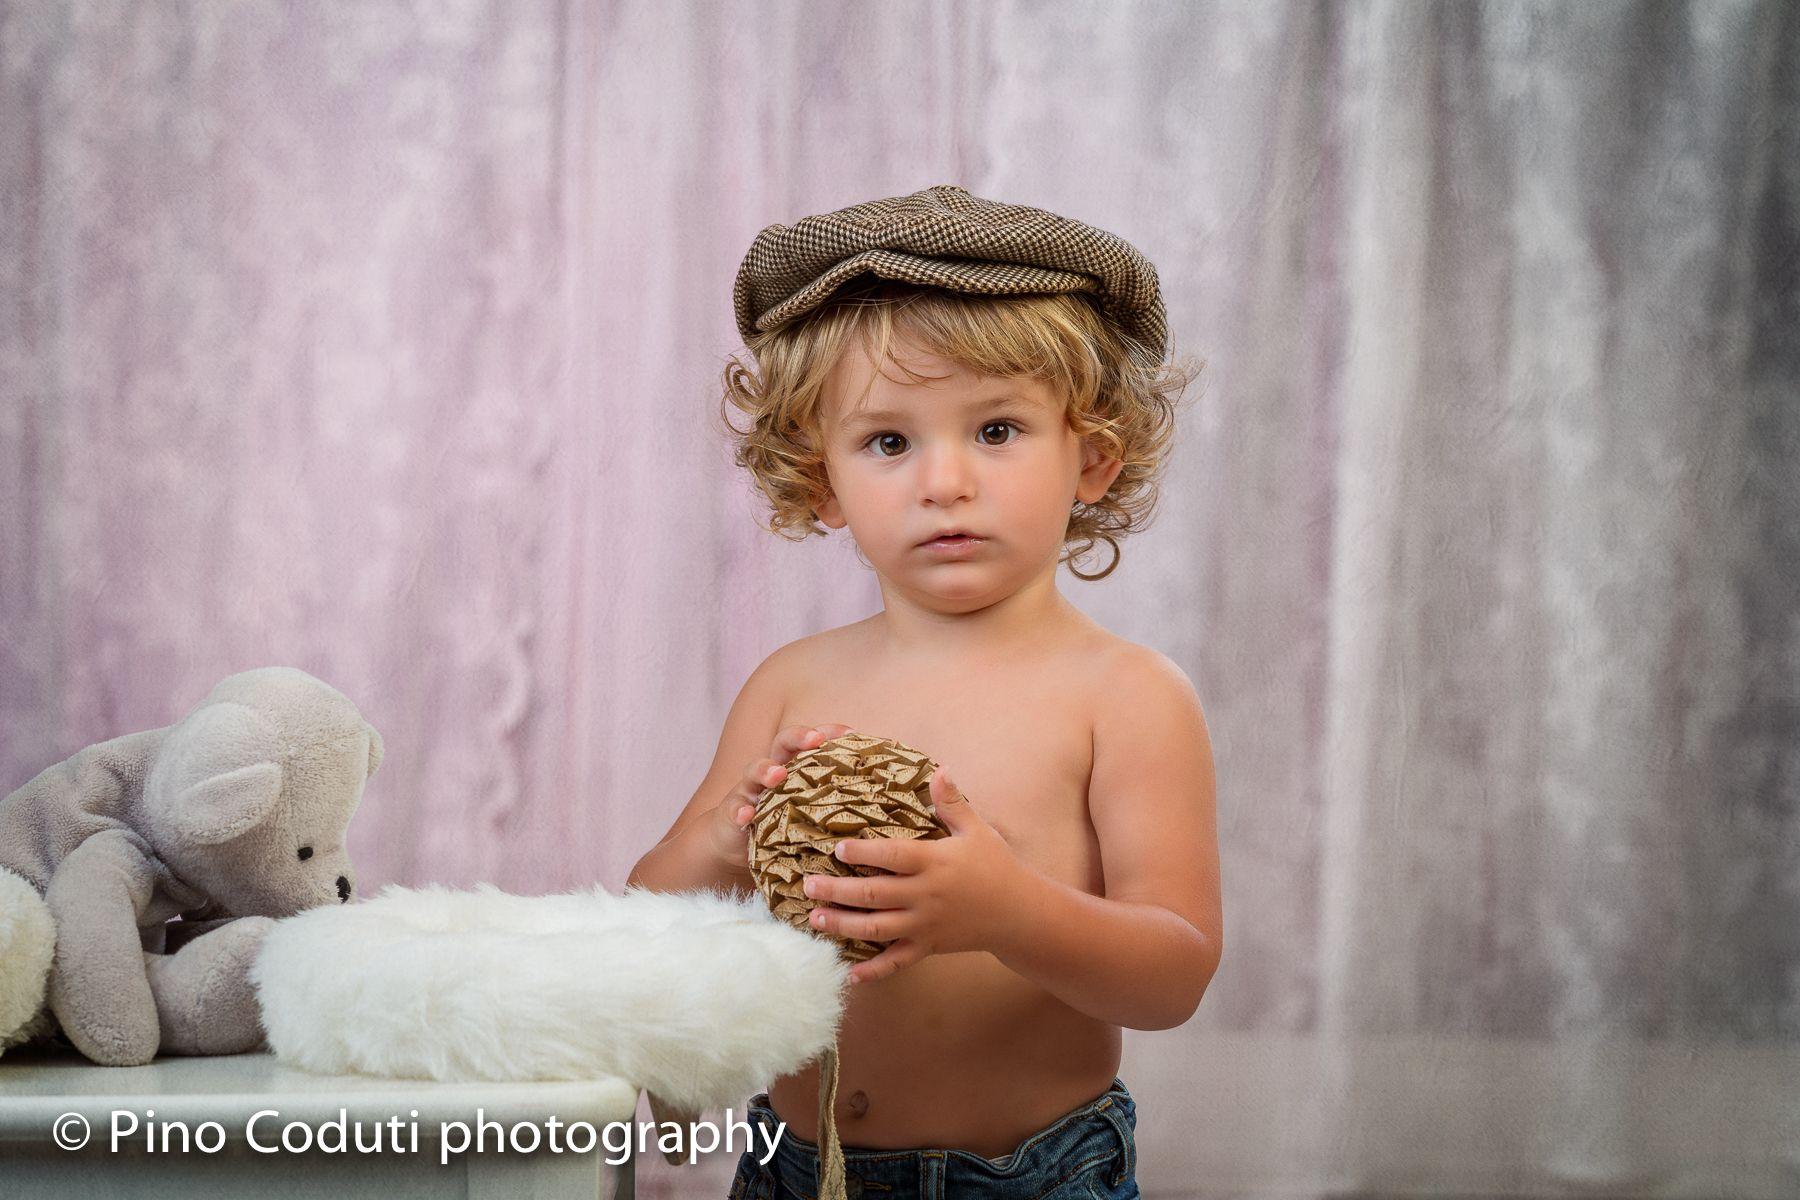 Fotografie Bambini ~ Foto di bambini i piccoli fotografo bambini neonati e